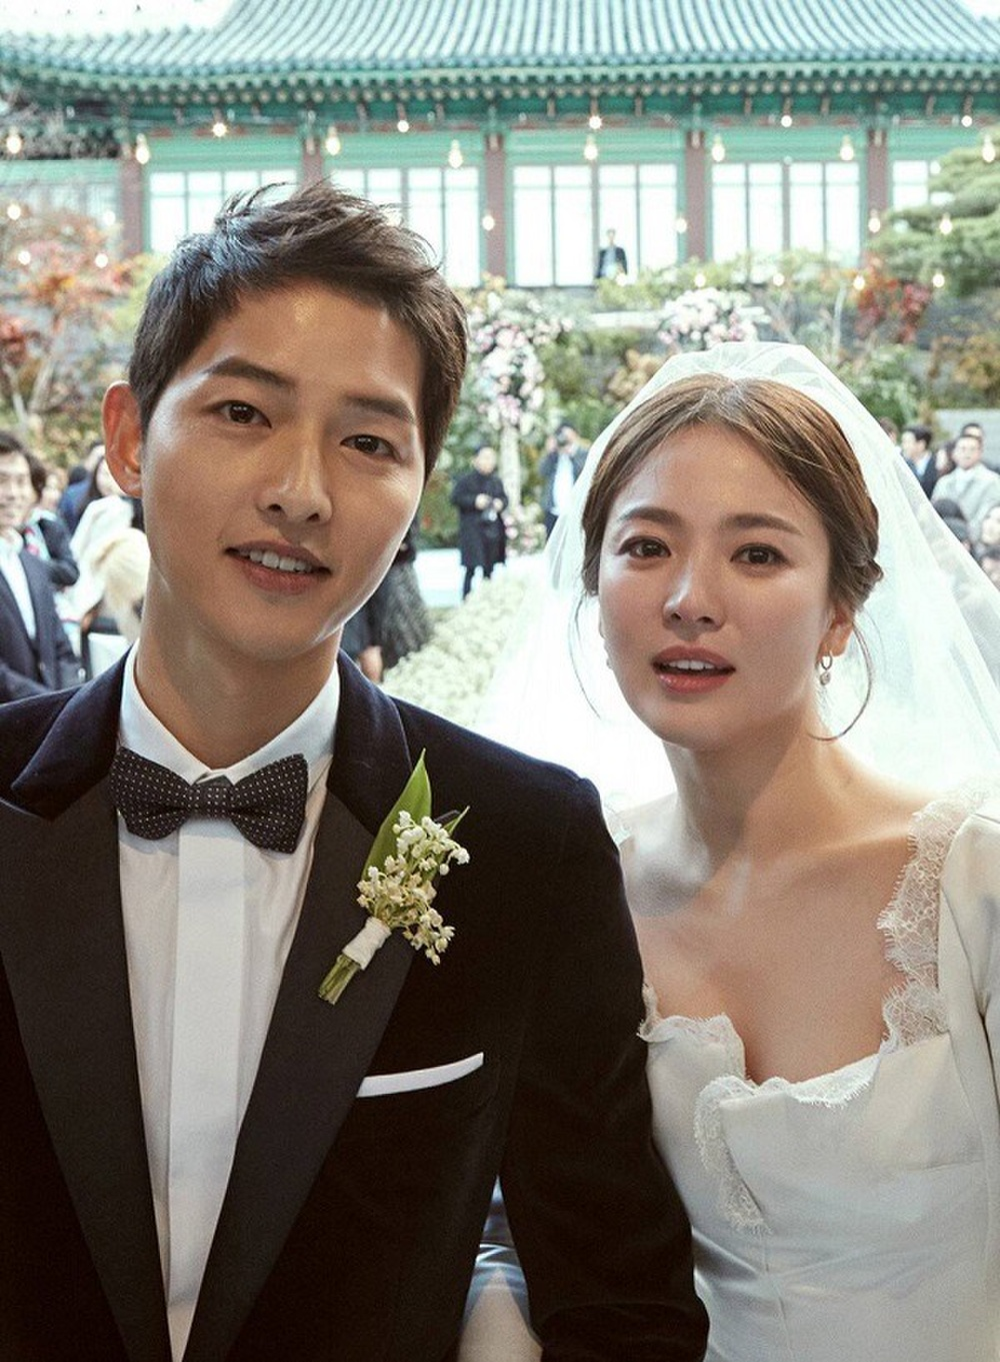 Song Joong Ki - Lee Kwang Soo đội mưa đự đám cưới, địa điểm là nơi kết hôn với Song Hye Kyo! Ảnh 12